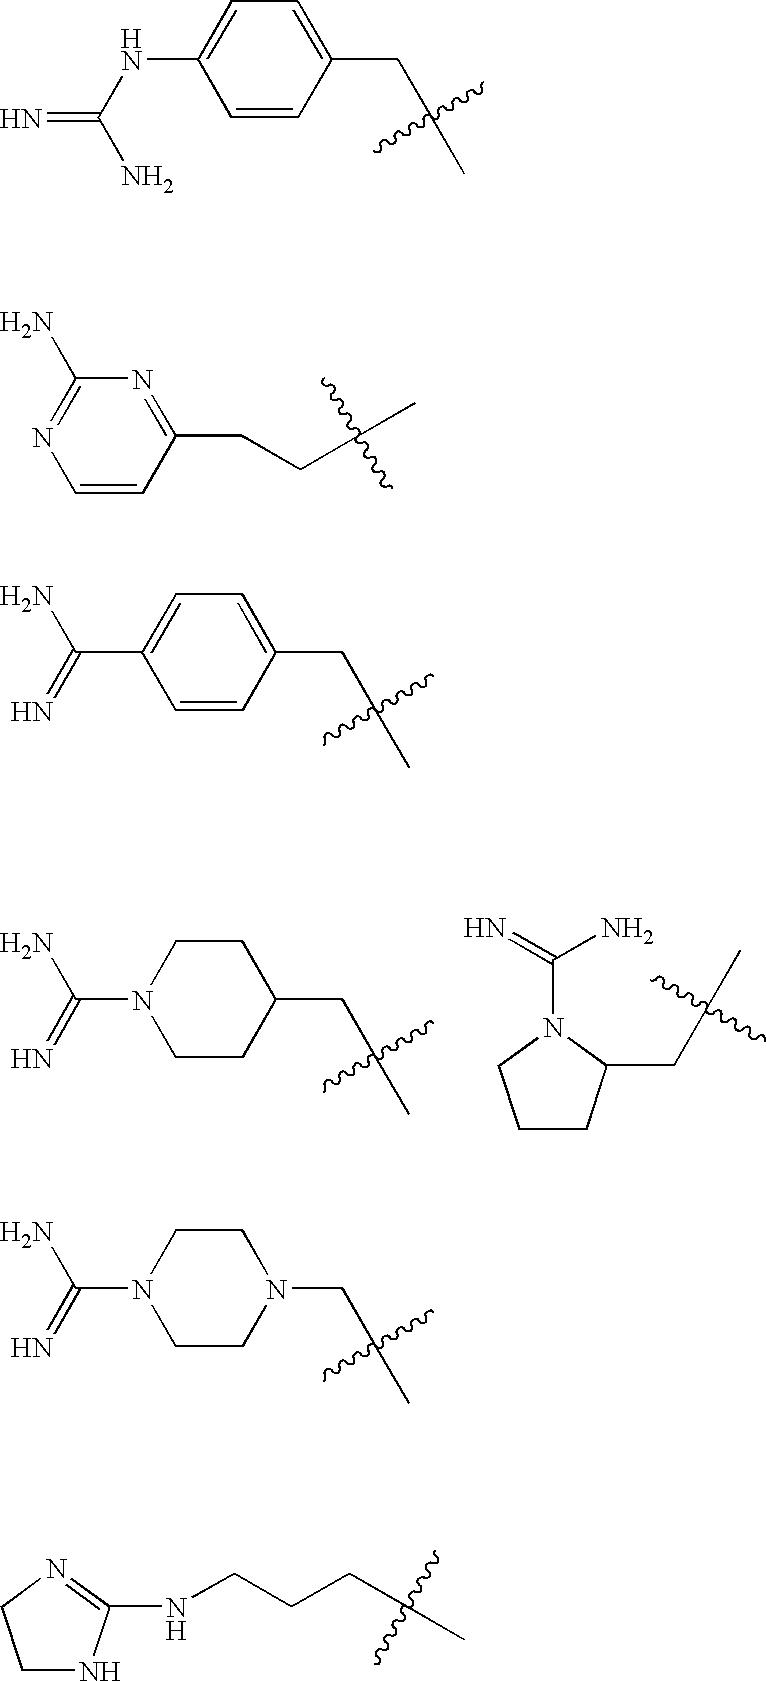 Figure US20100112042A1-20100506-C00002